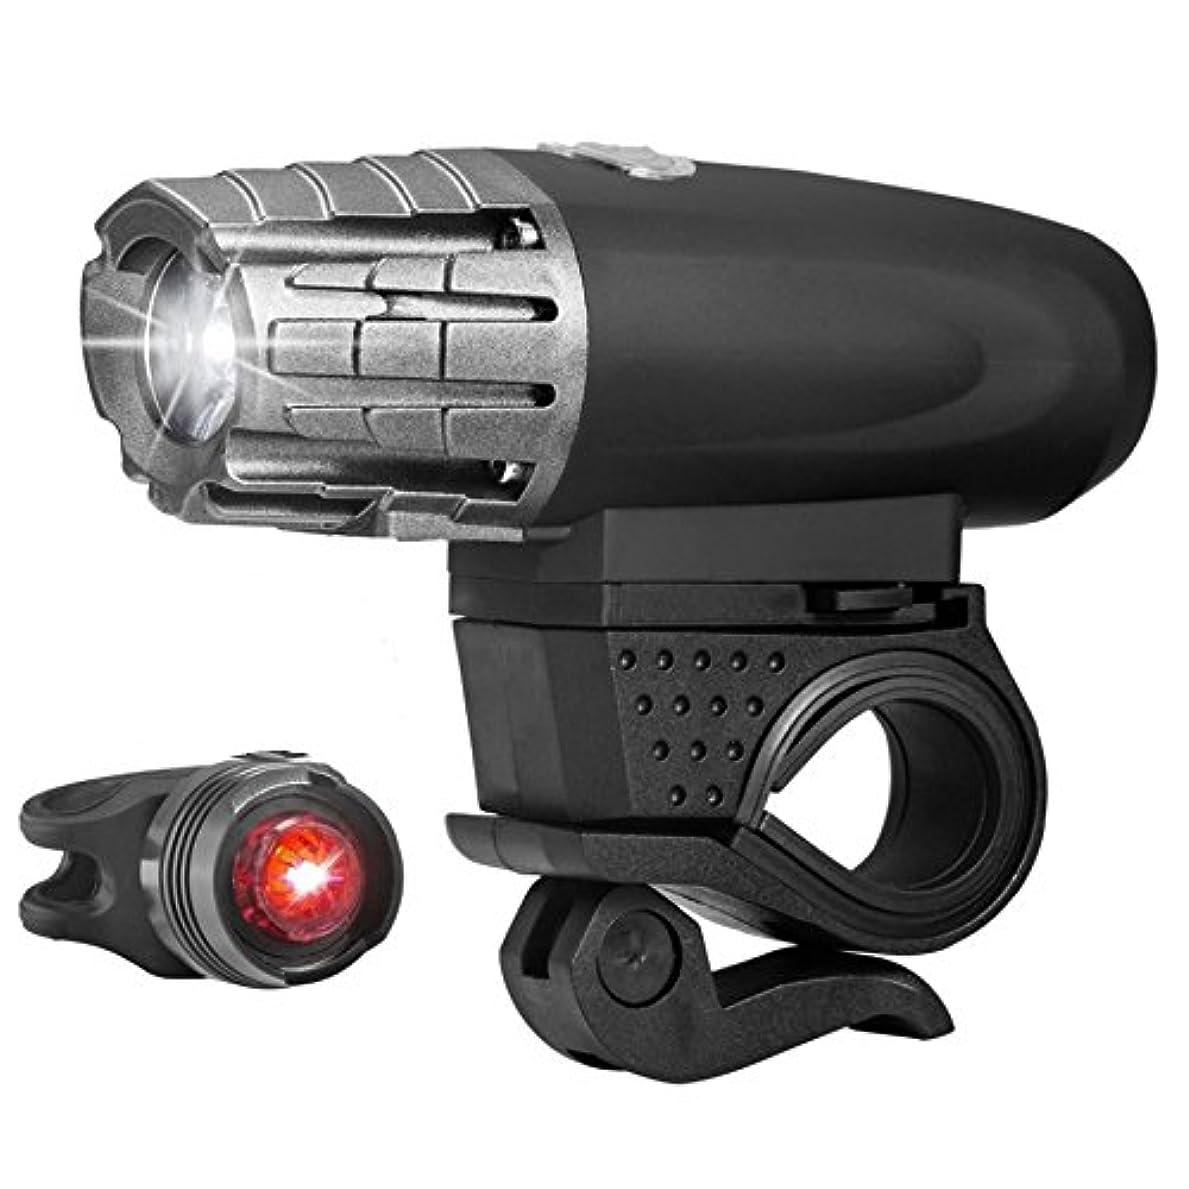 忠実な関連付ける証明L'infini 自転車ヘッドライト USB充電式 テールライト付き